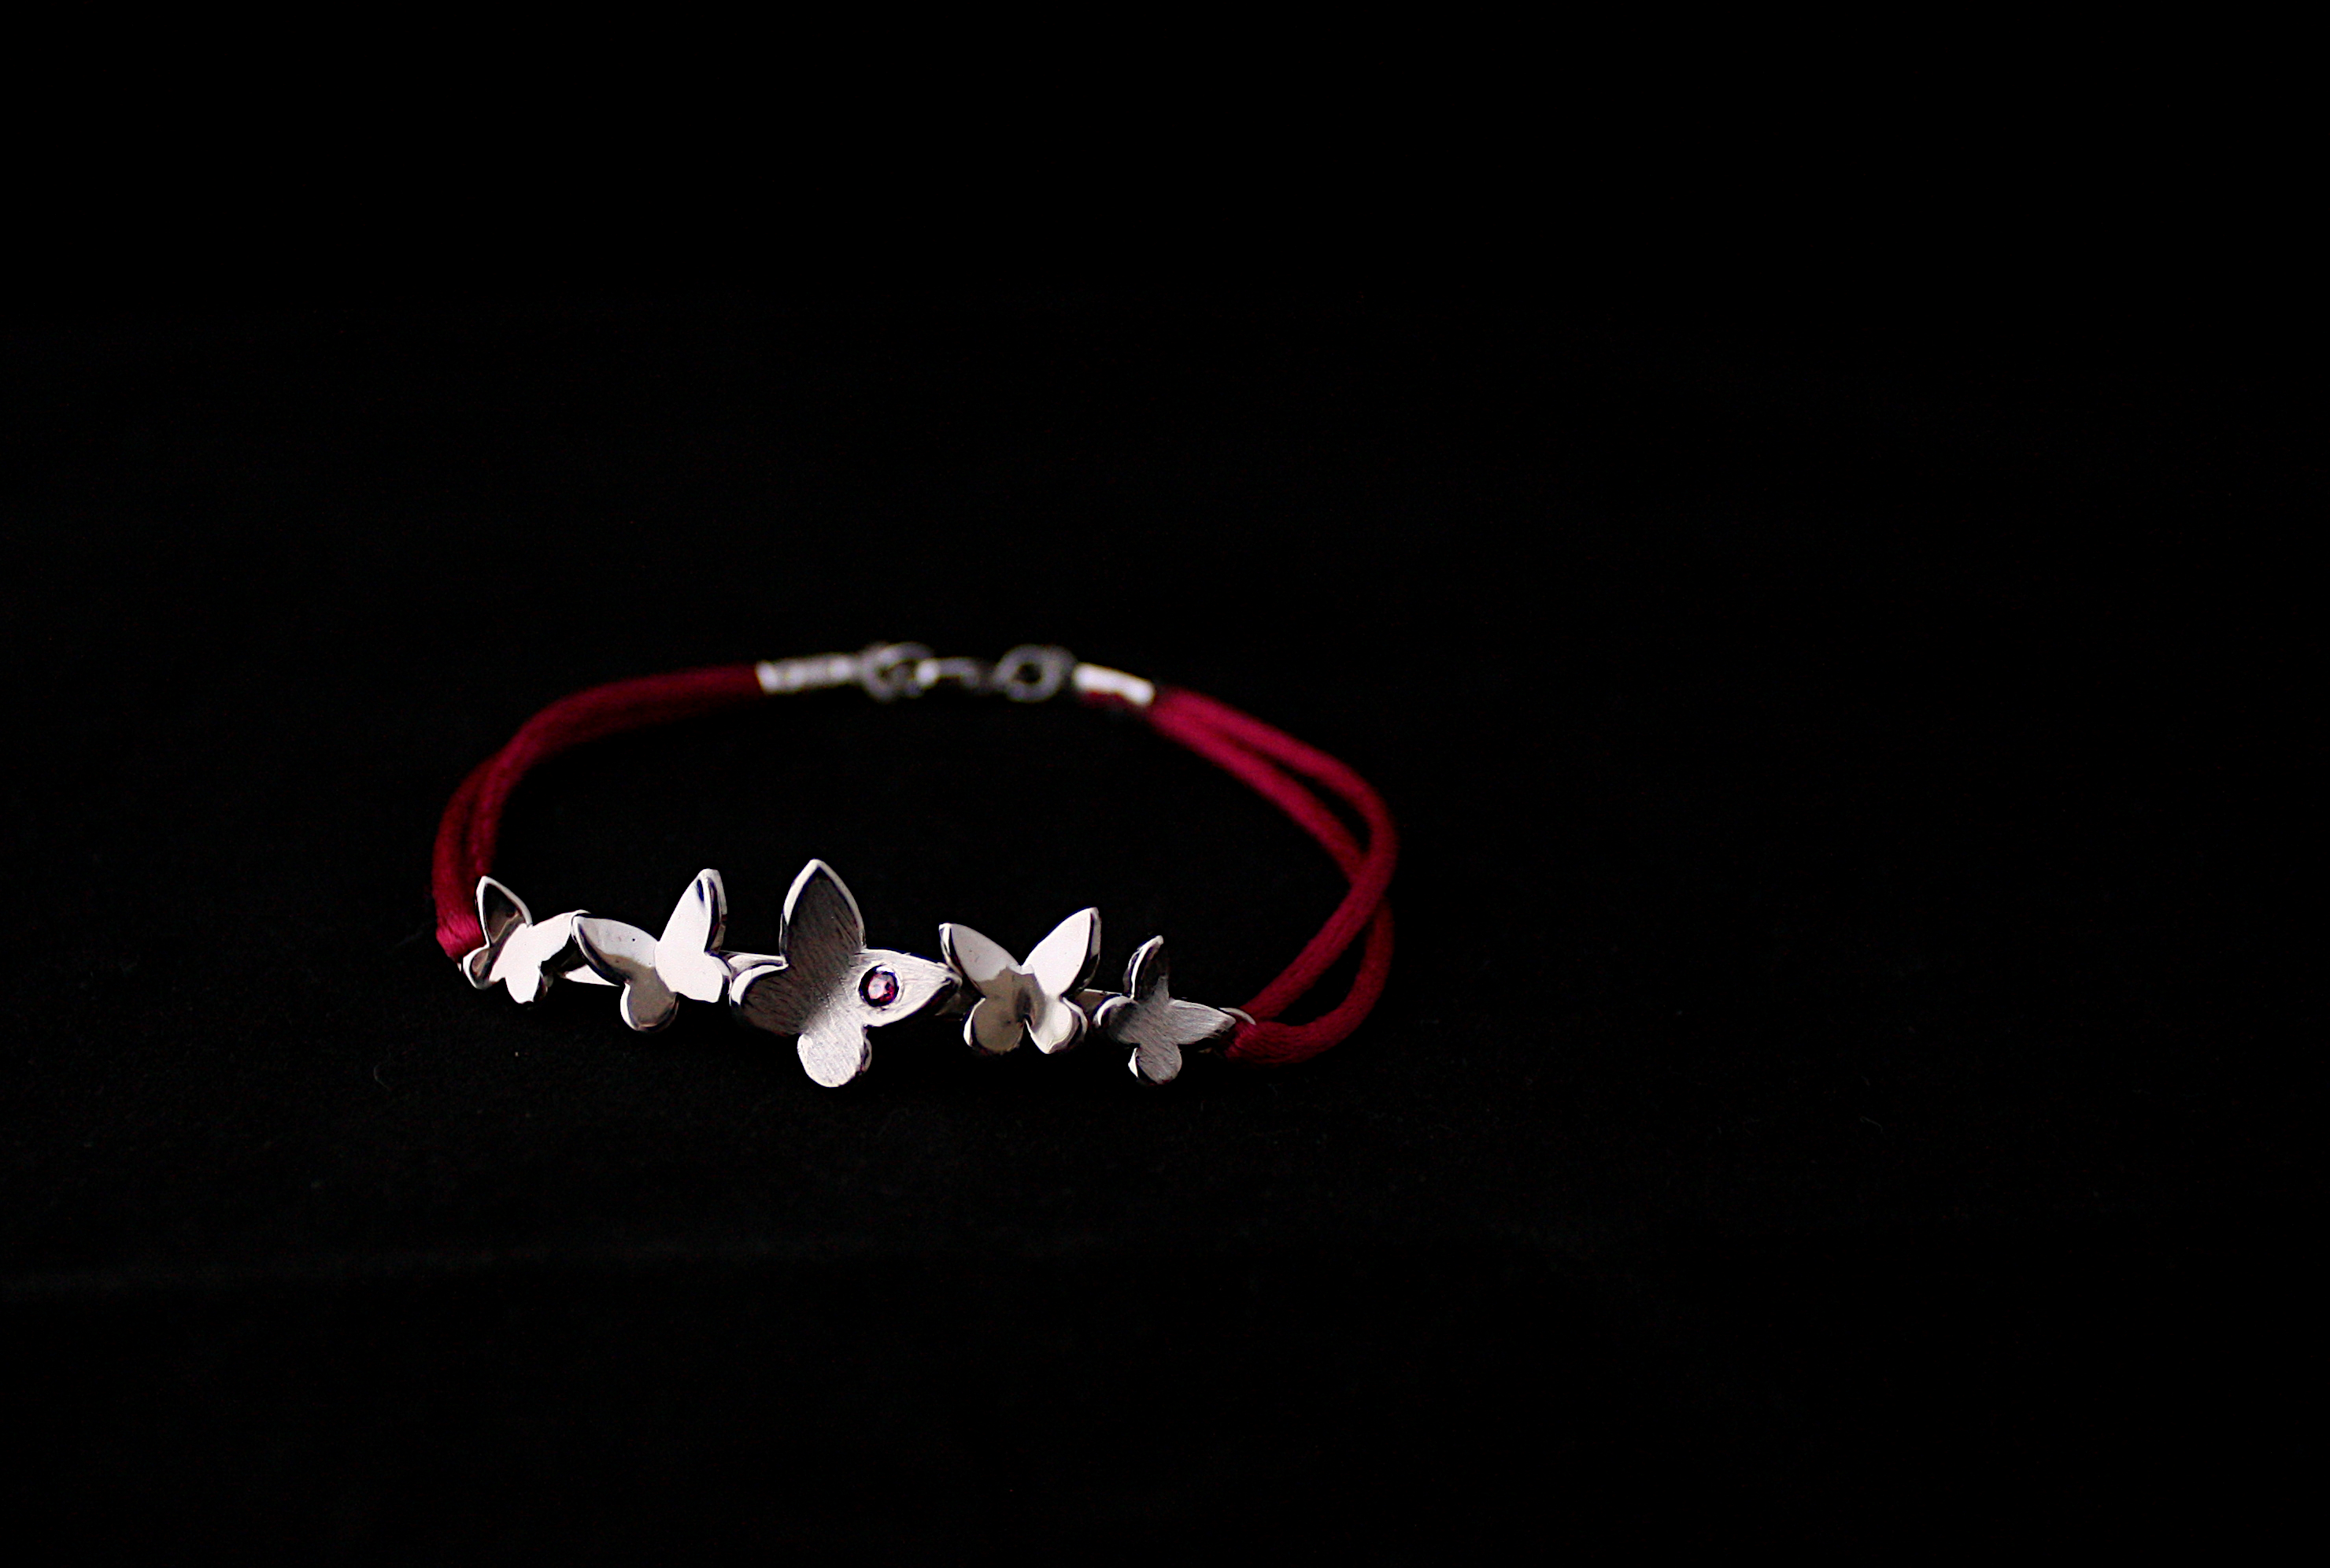 Bracelet papillons pour femme fait à la main en France en argent 925 et zirconium rouge sur cordon